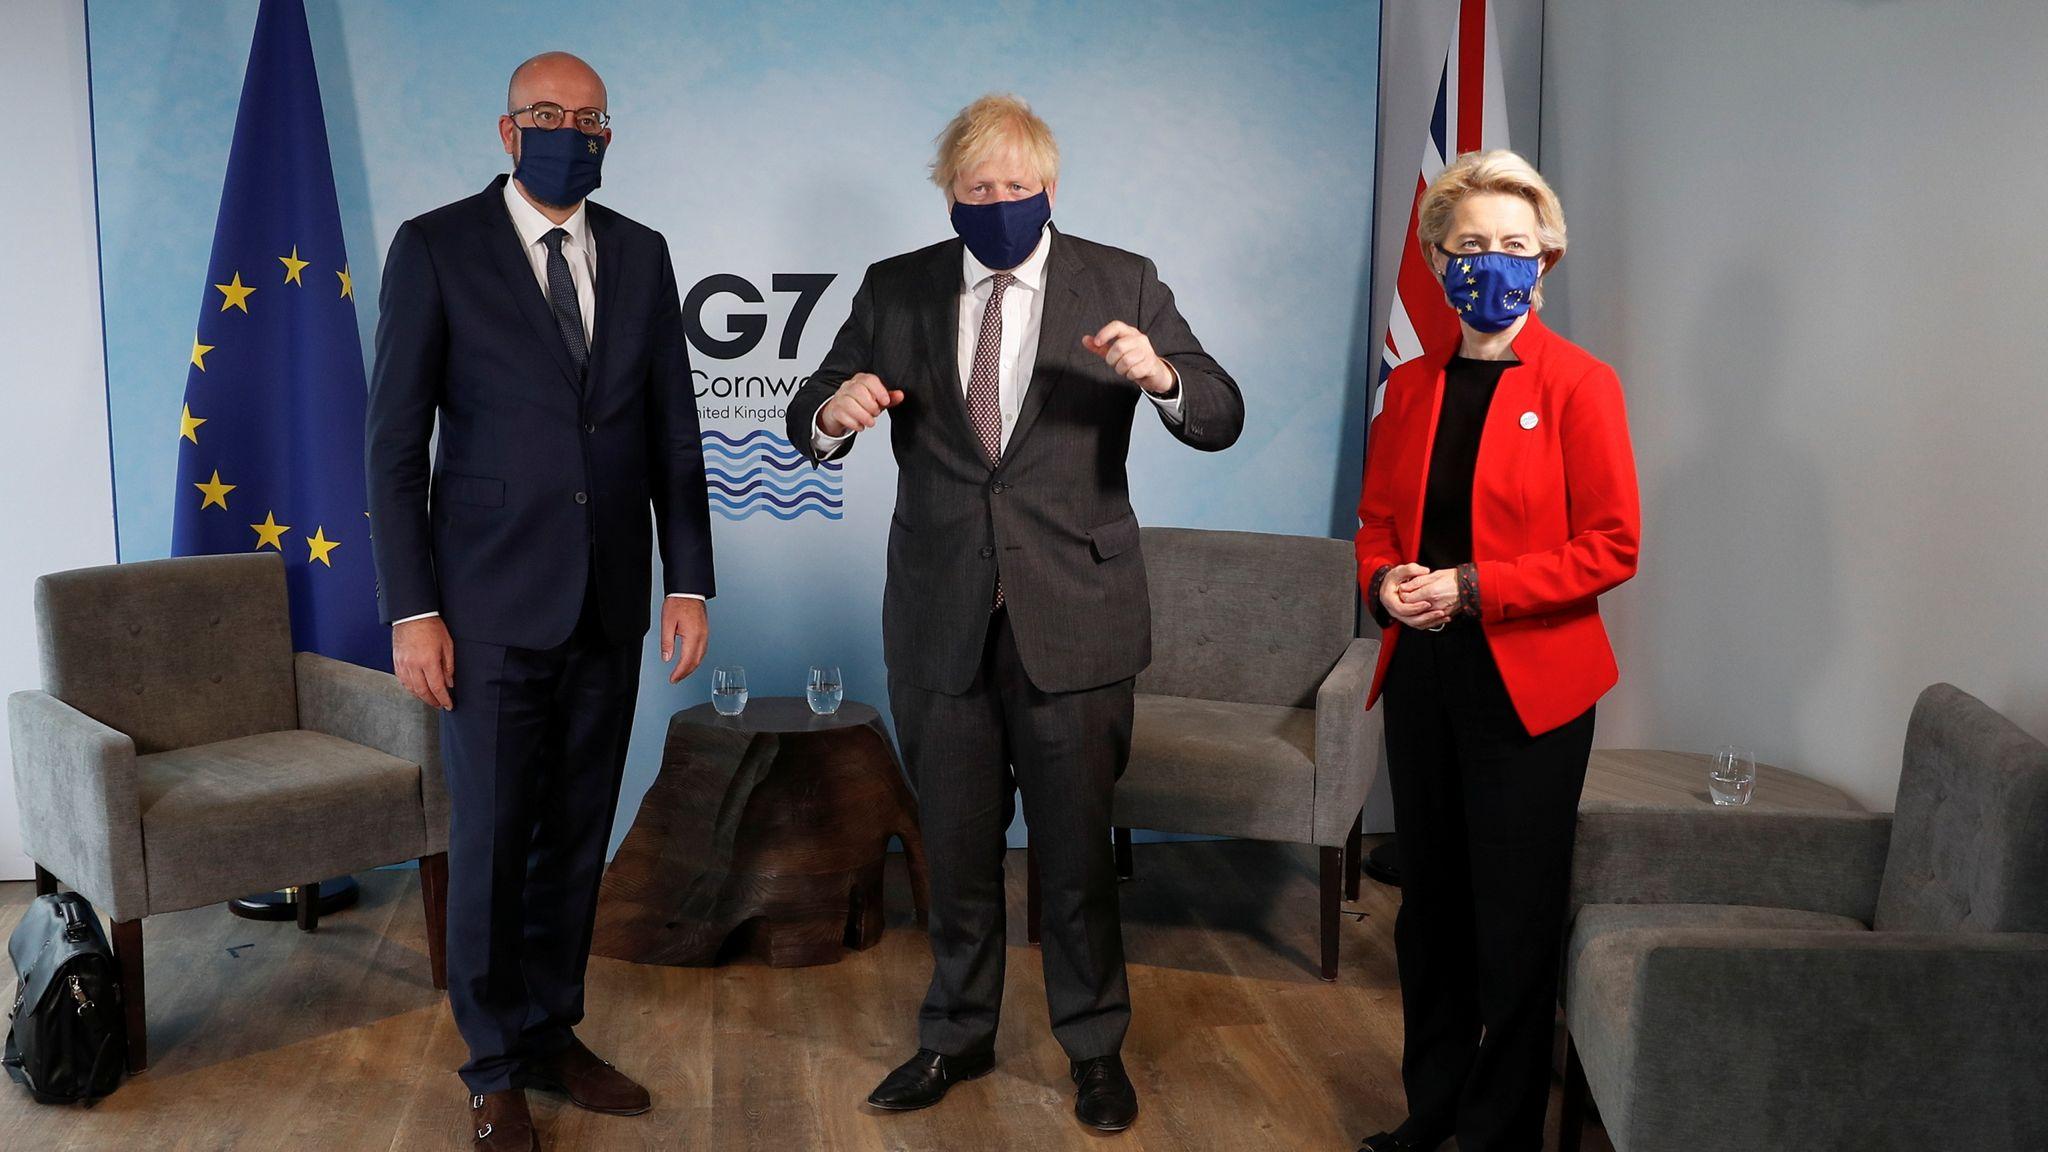 欧盟领导人警告英国执行达成的协议